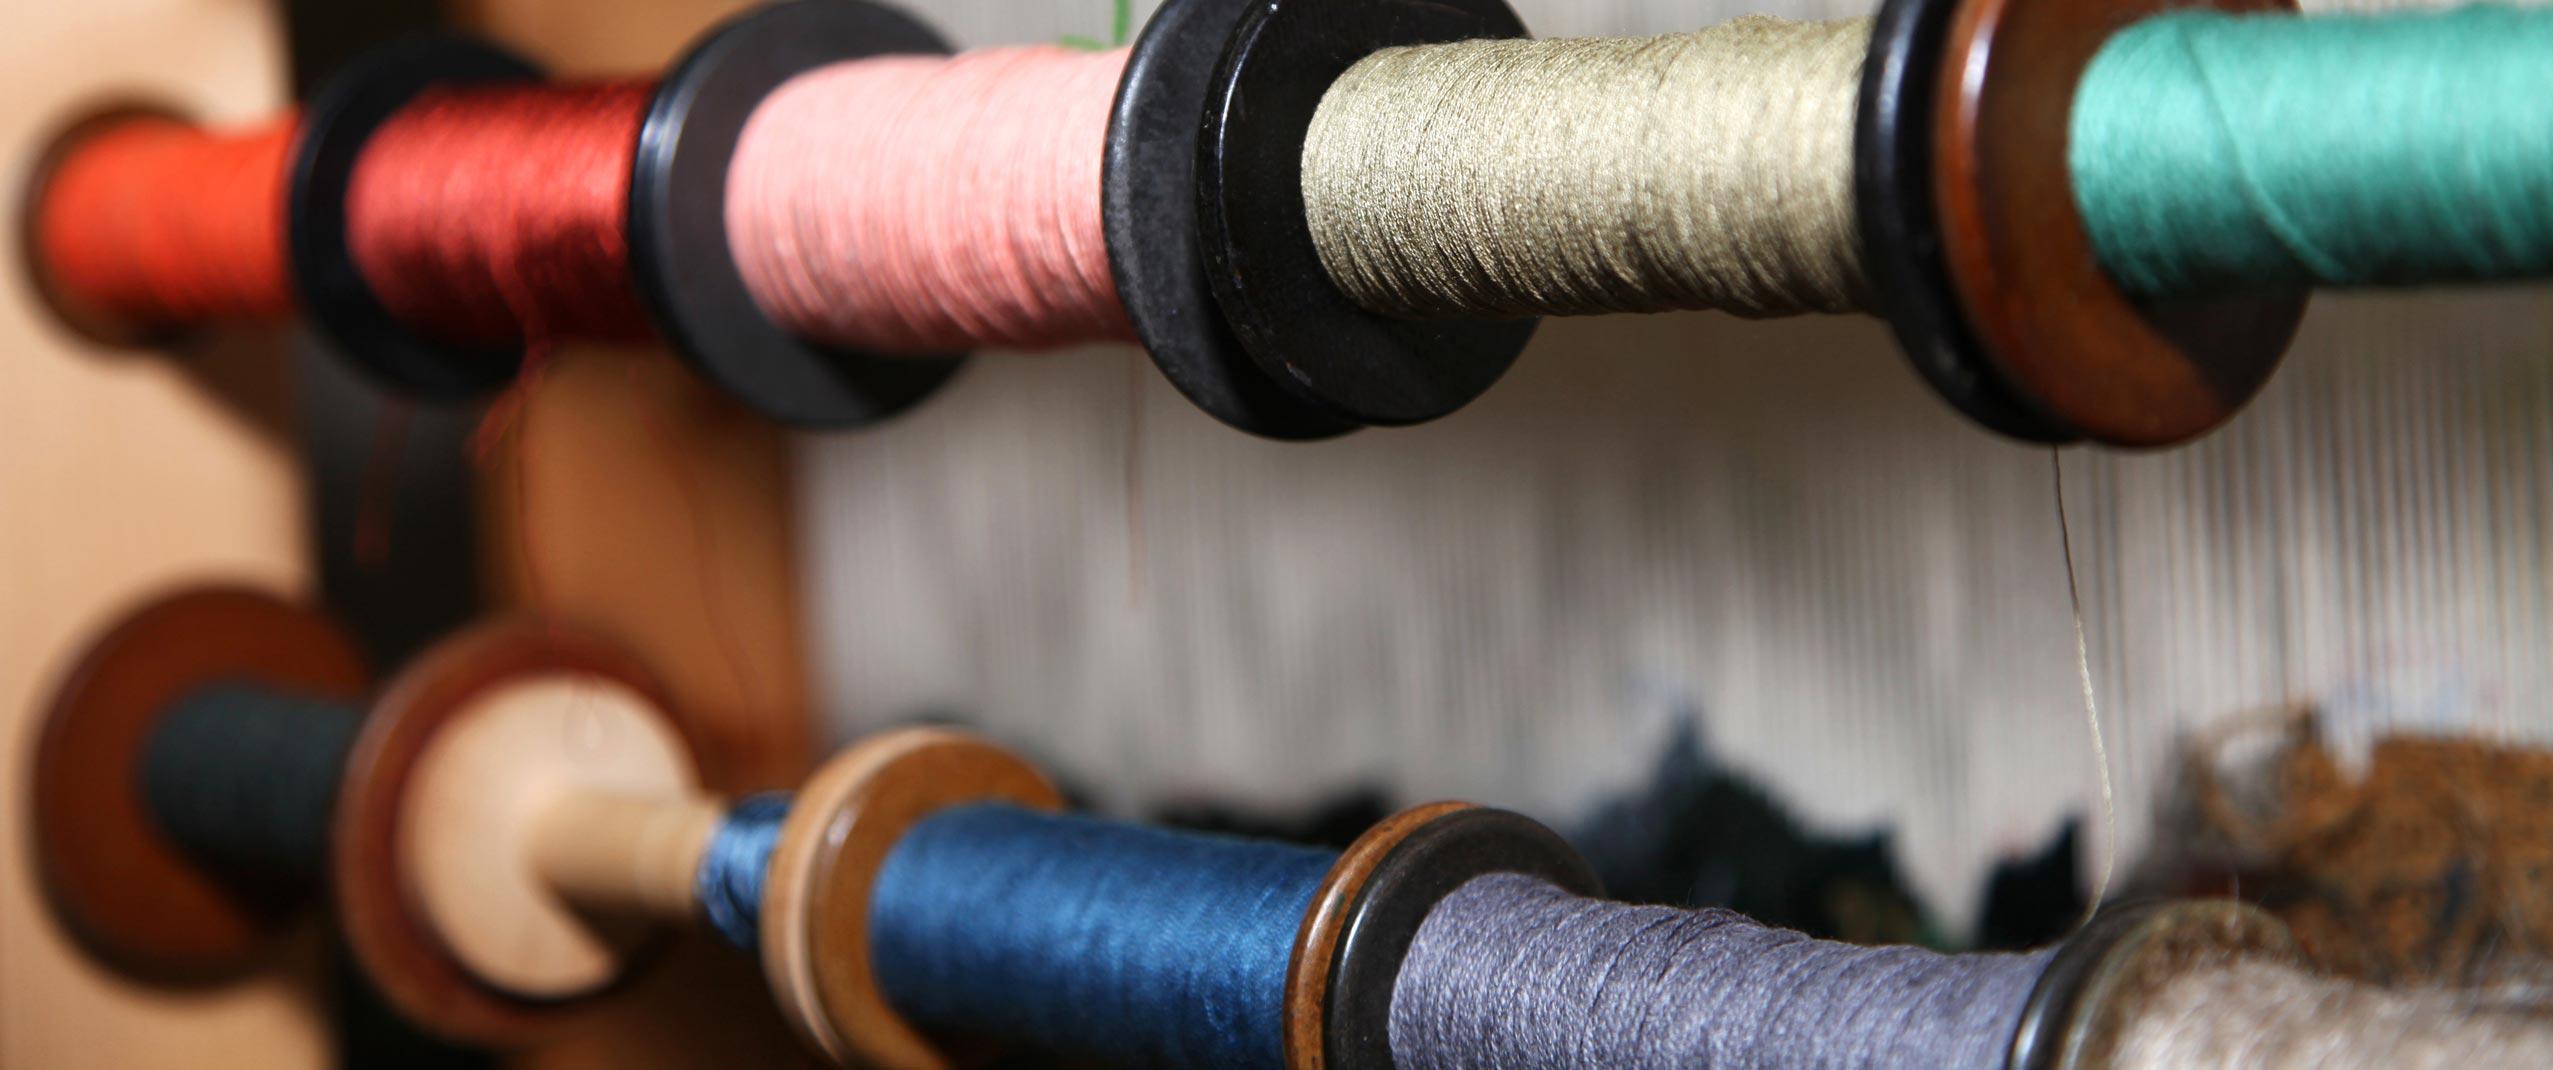 hilos tapicero artesano